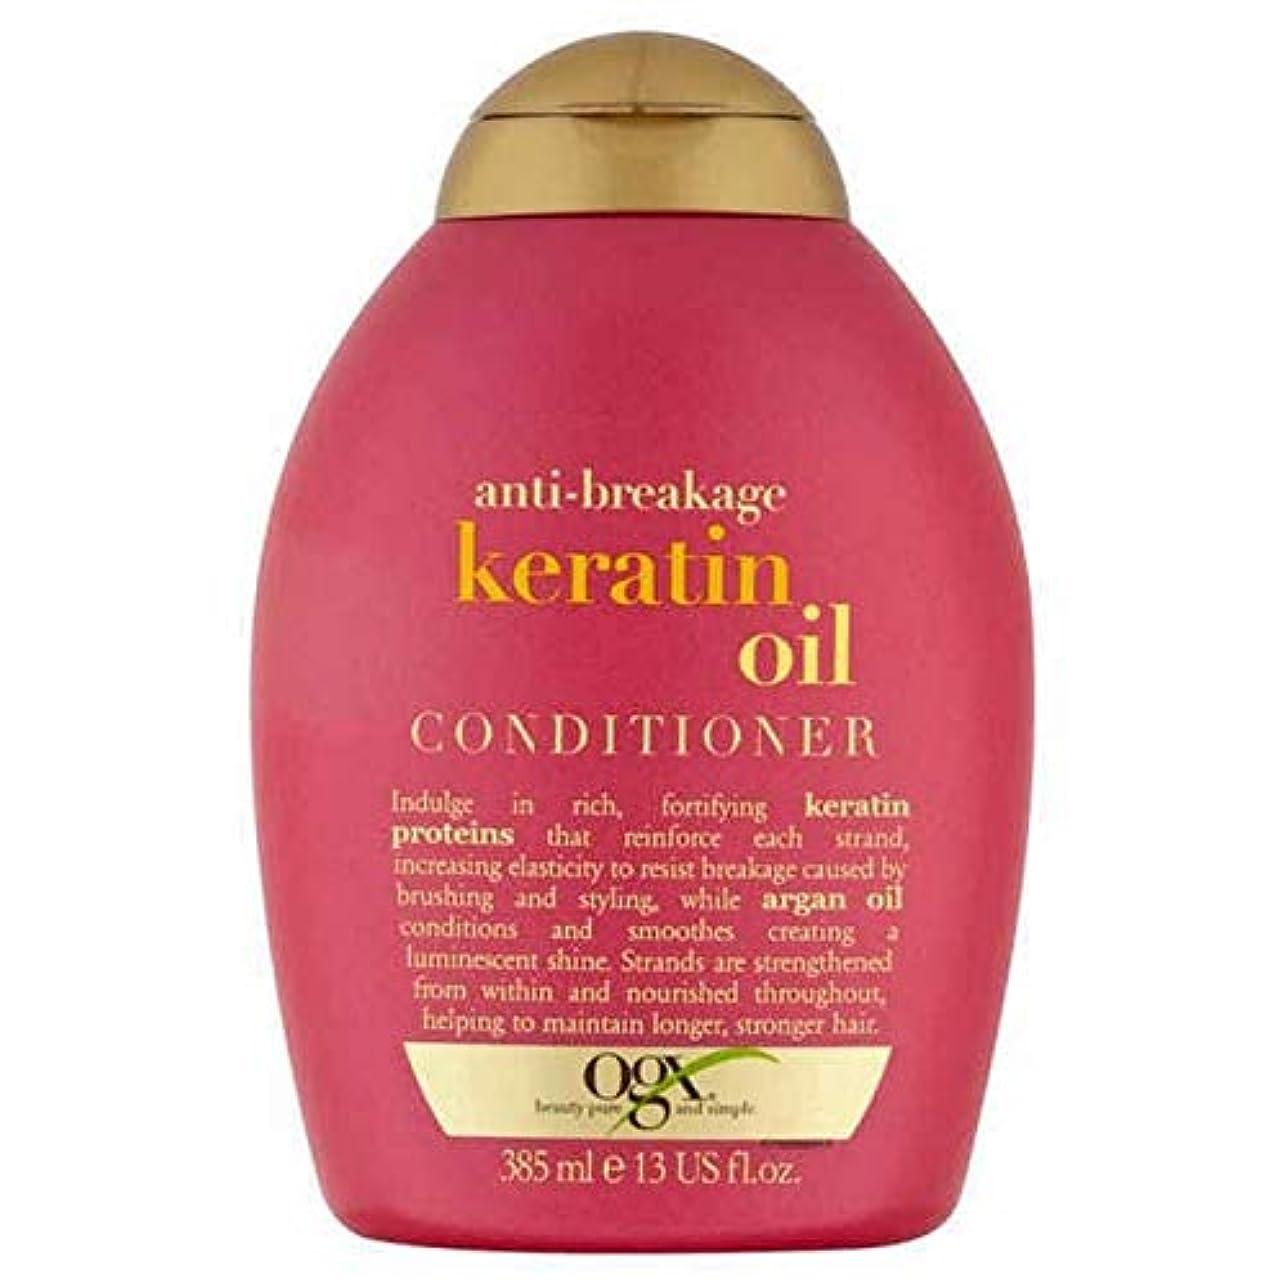 破壊的な狂った小売[Ogx] Ogx抗破損ケラチンオイルコンディショナー385ミリリットル - OGX Anti-Breakage Keratin Oil Conditioner 385ml [並行輸入品]